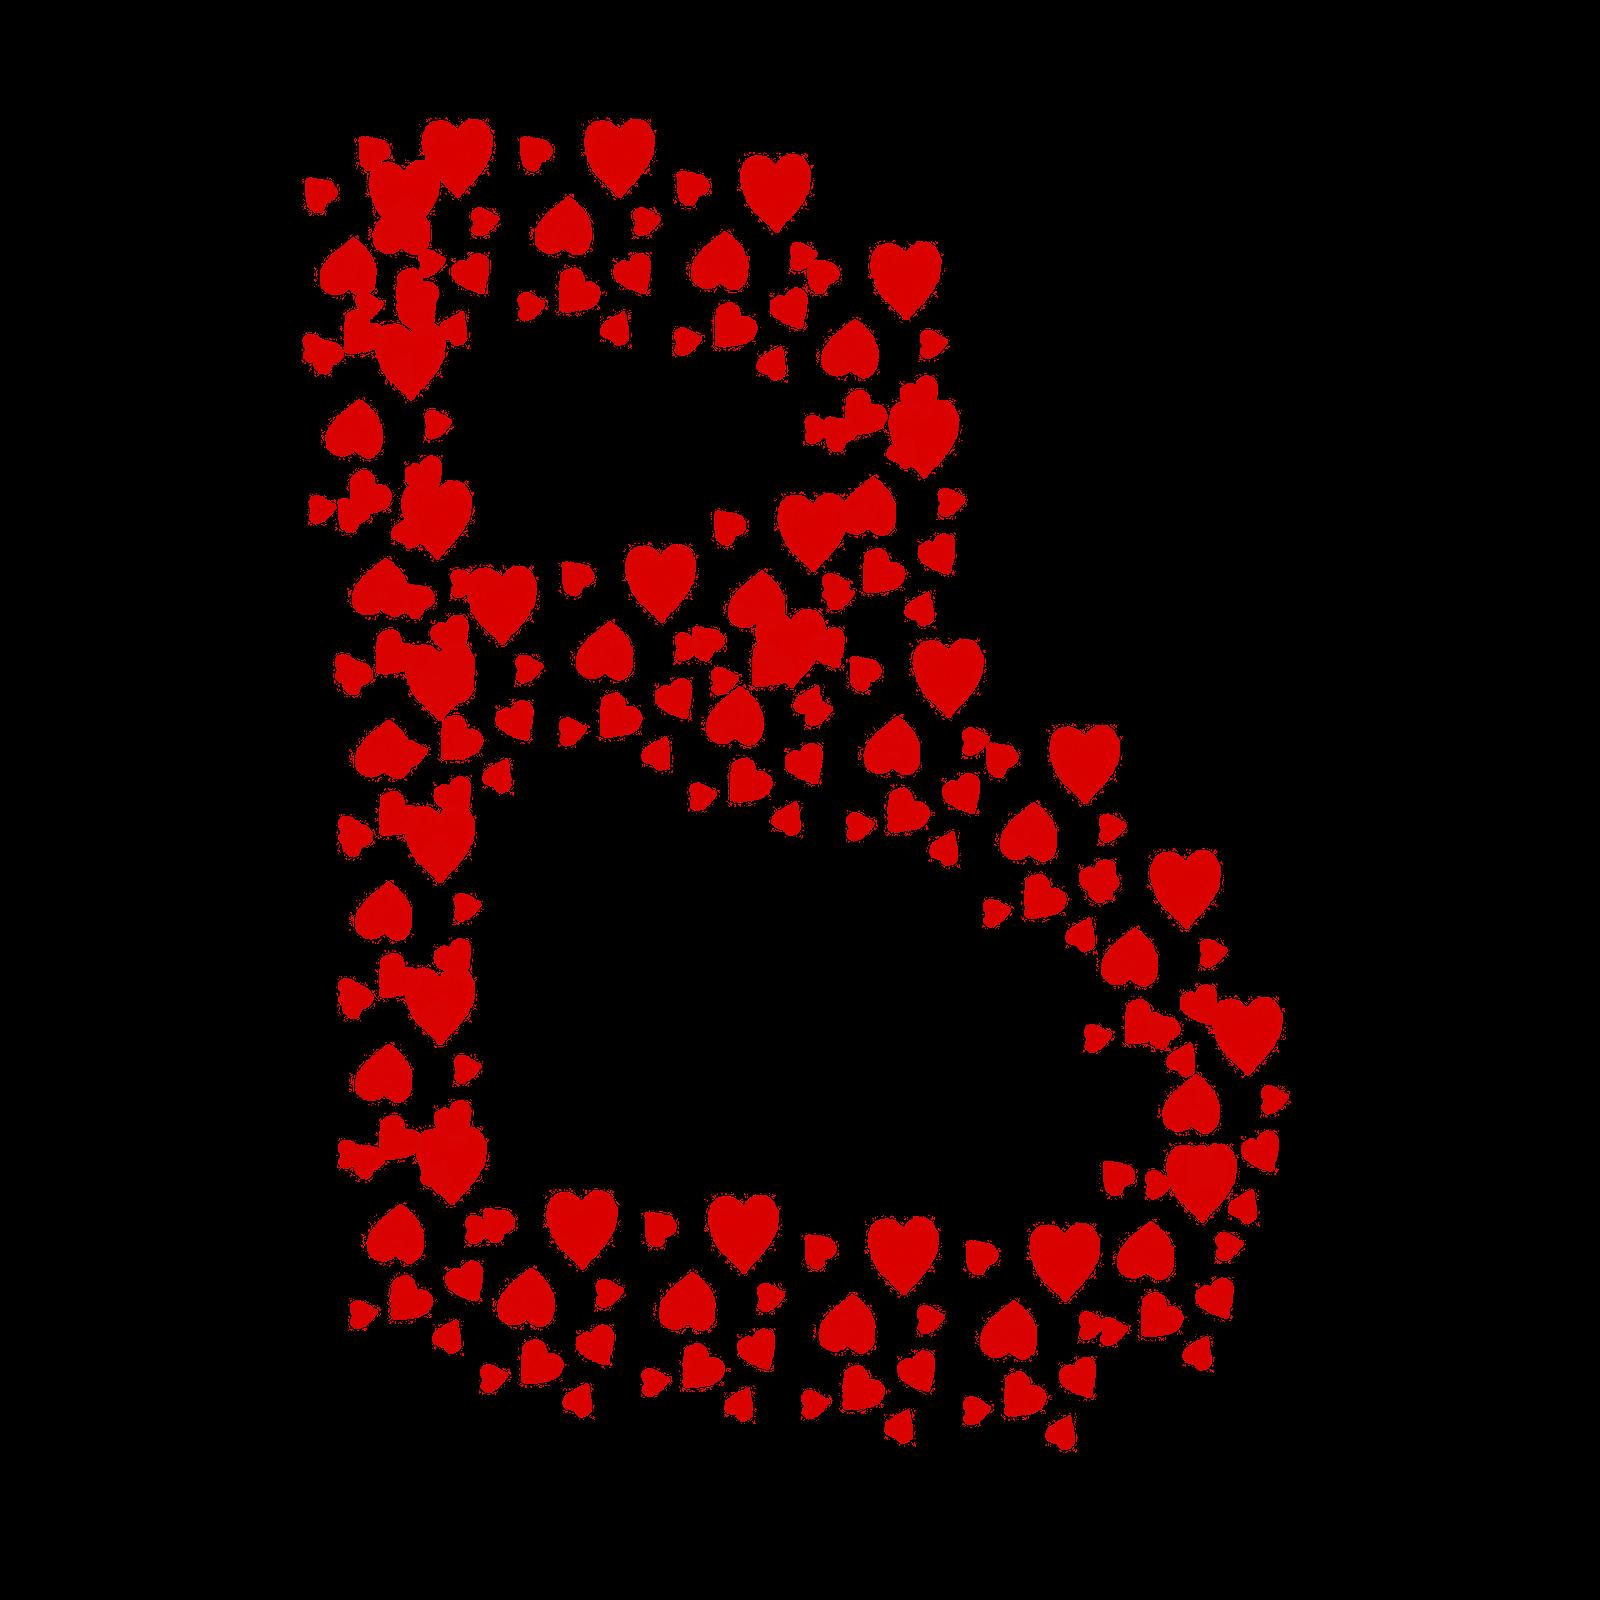 حرف B على شكل قلب